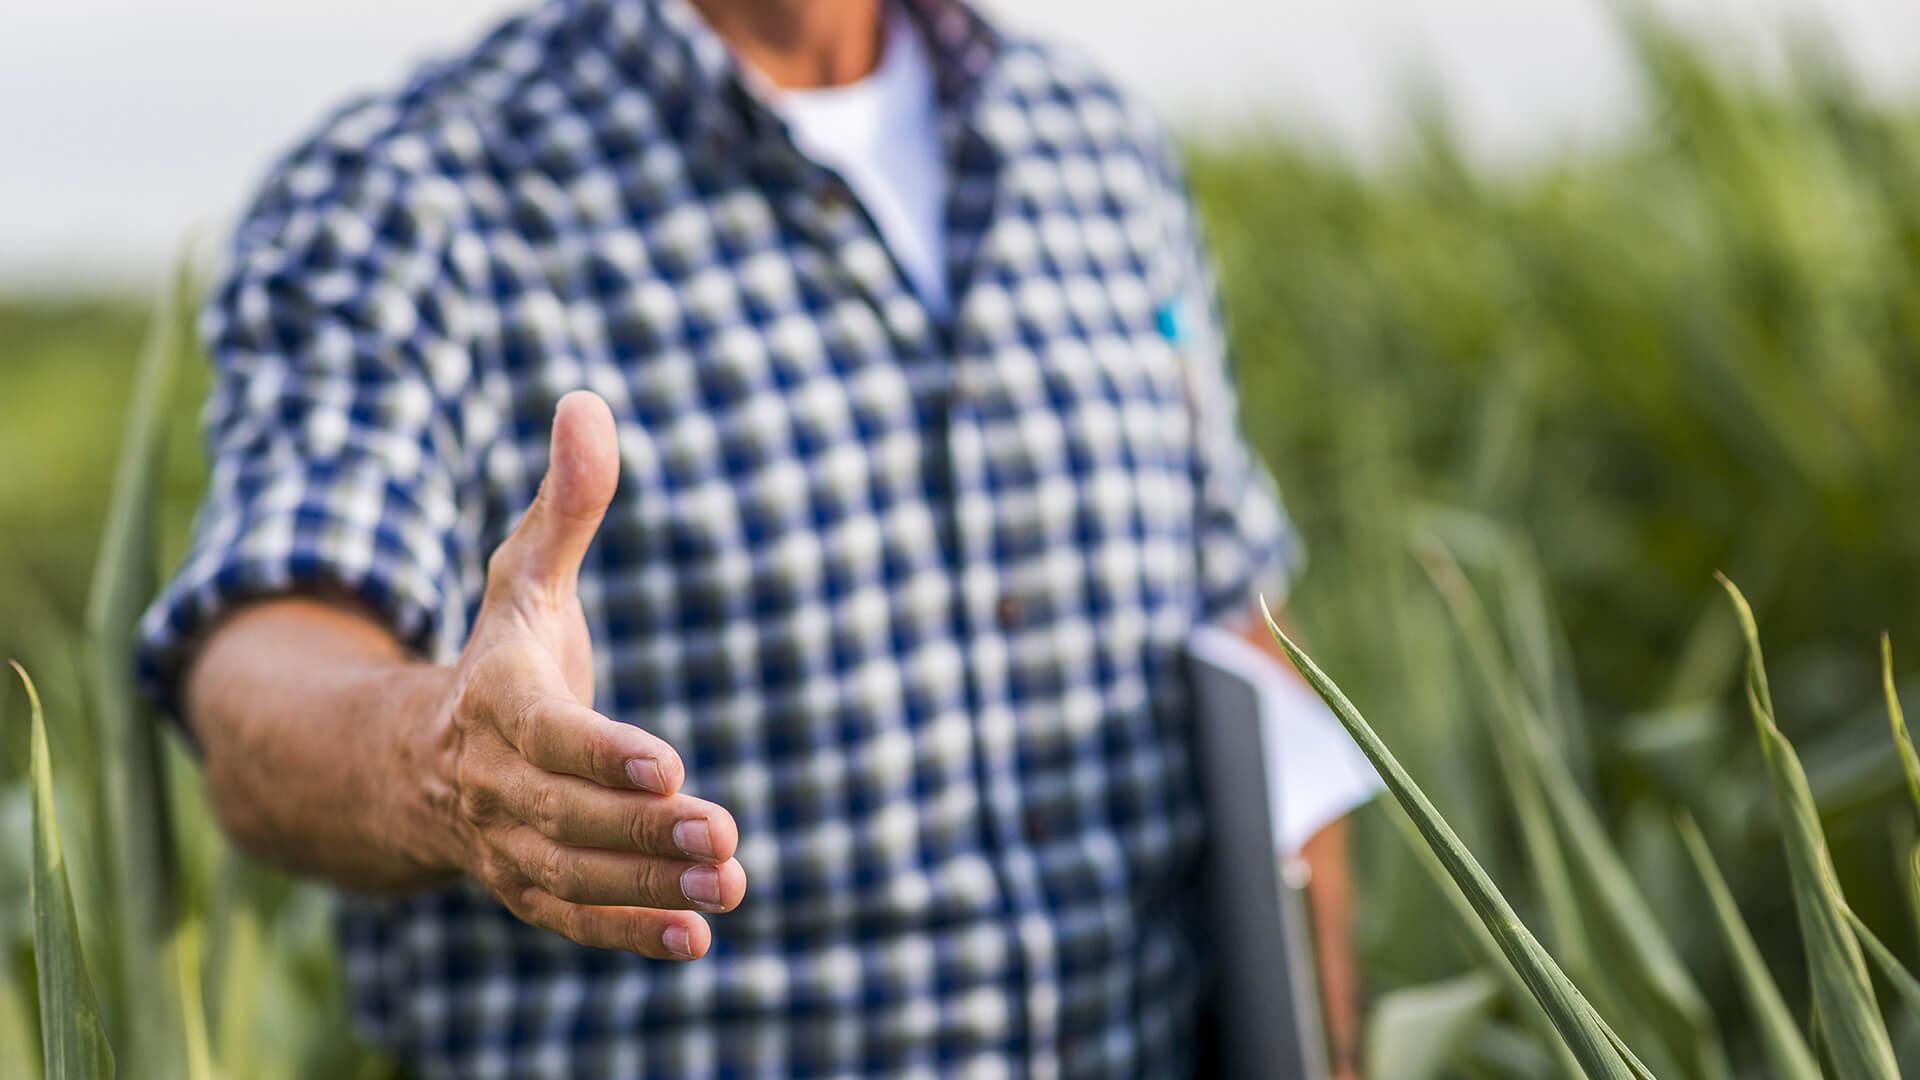 Semana do produtor rural: adquira o MyFarm com desconto através dos programas de pontos